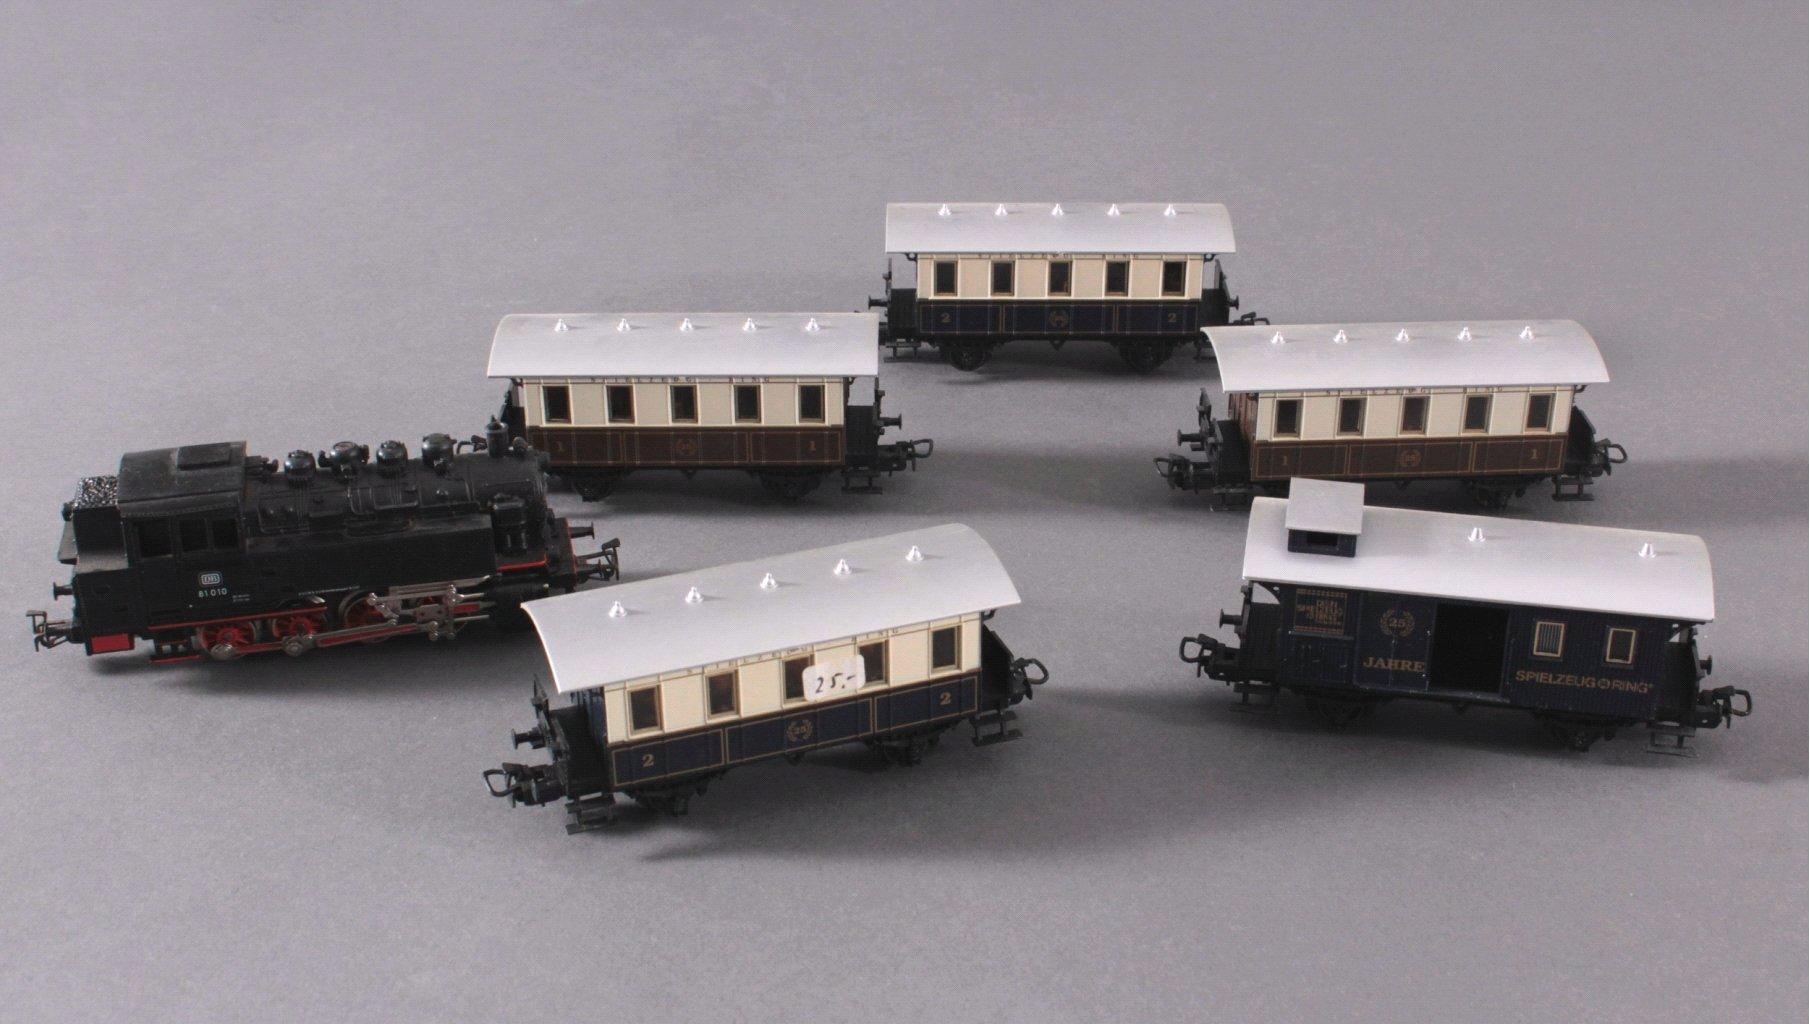 Märklin H0 3032 Dampf-Lok Baureihe 81 010 DB in schwarz mit